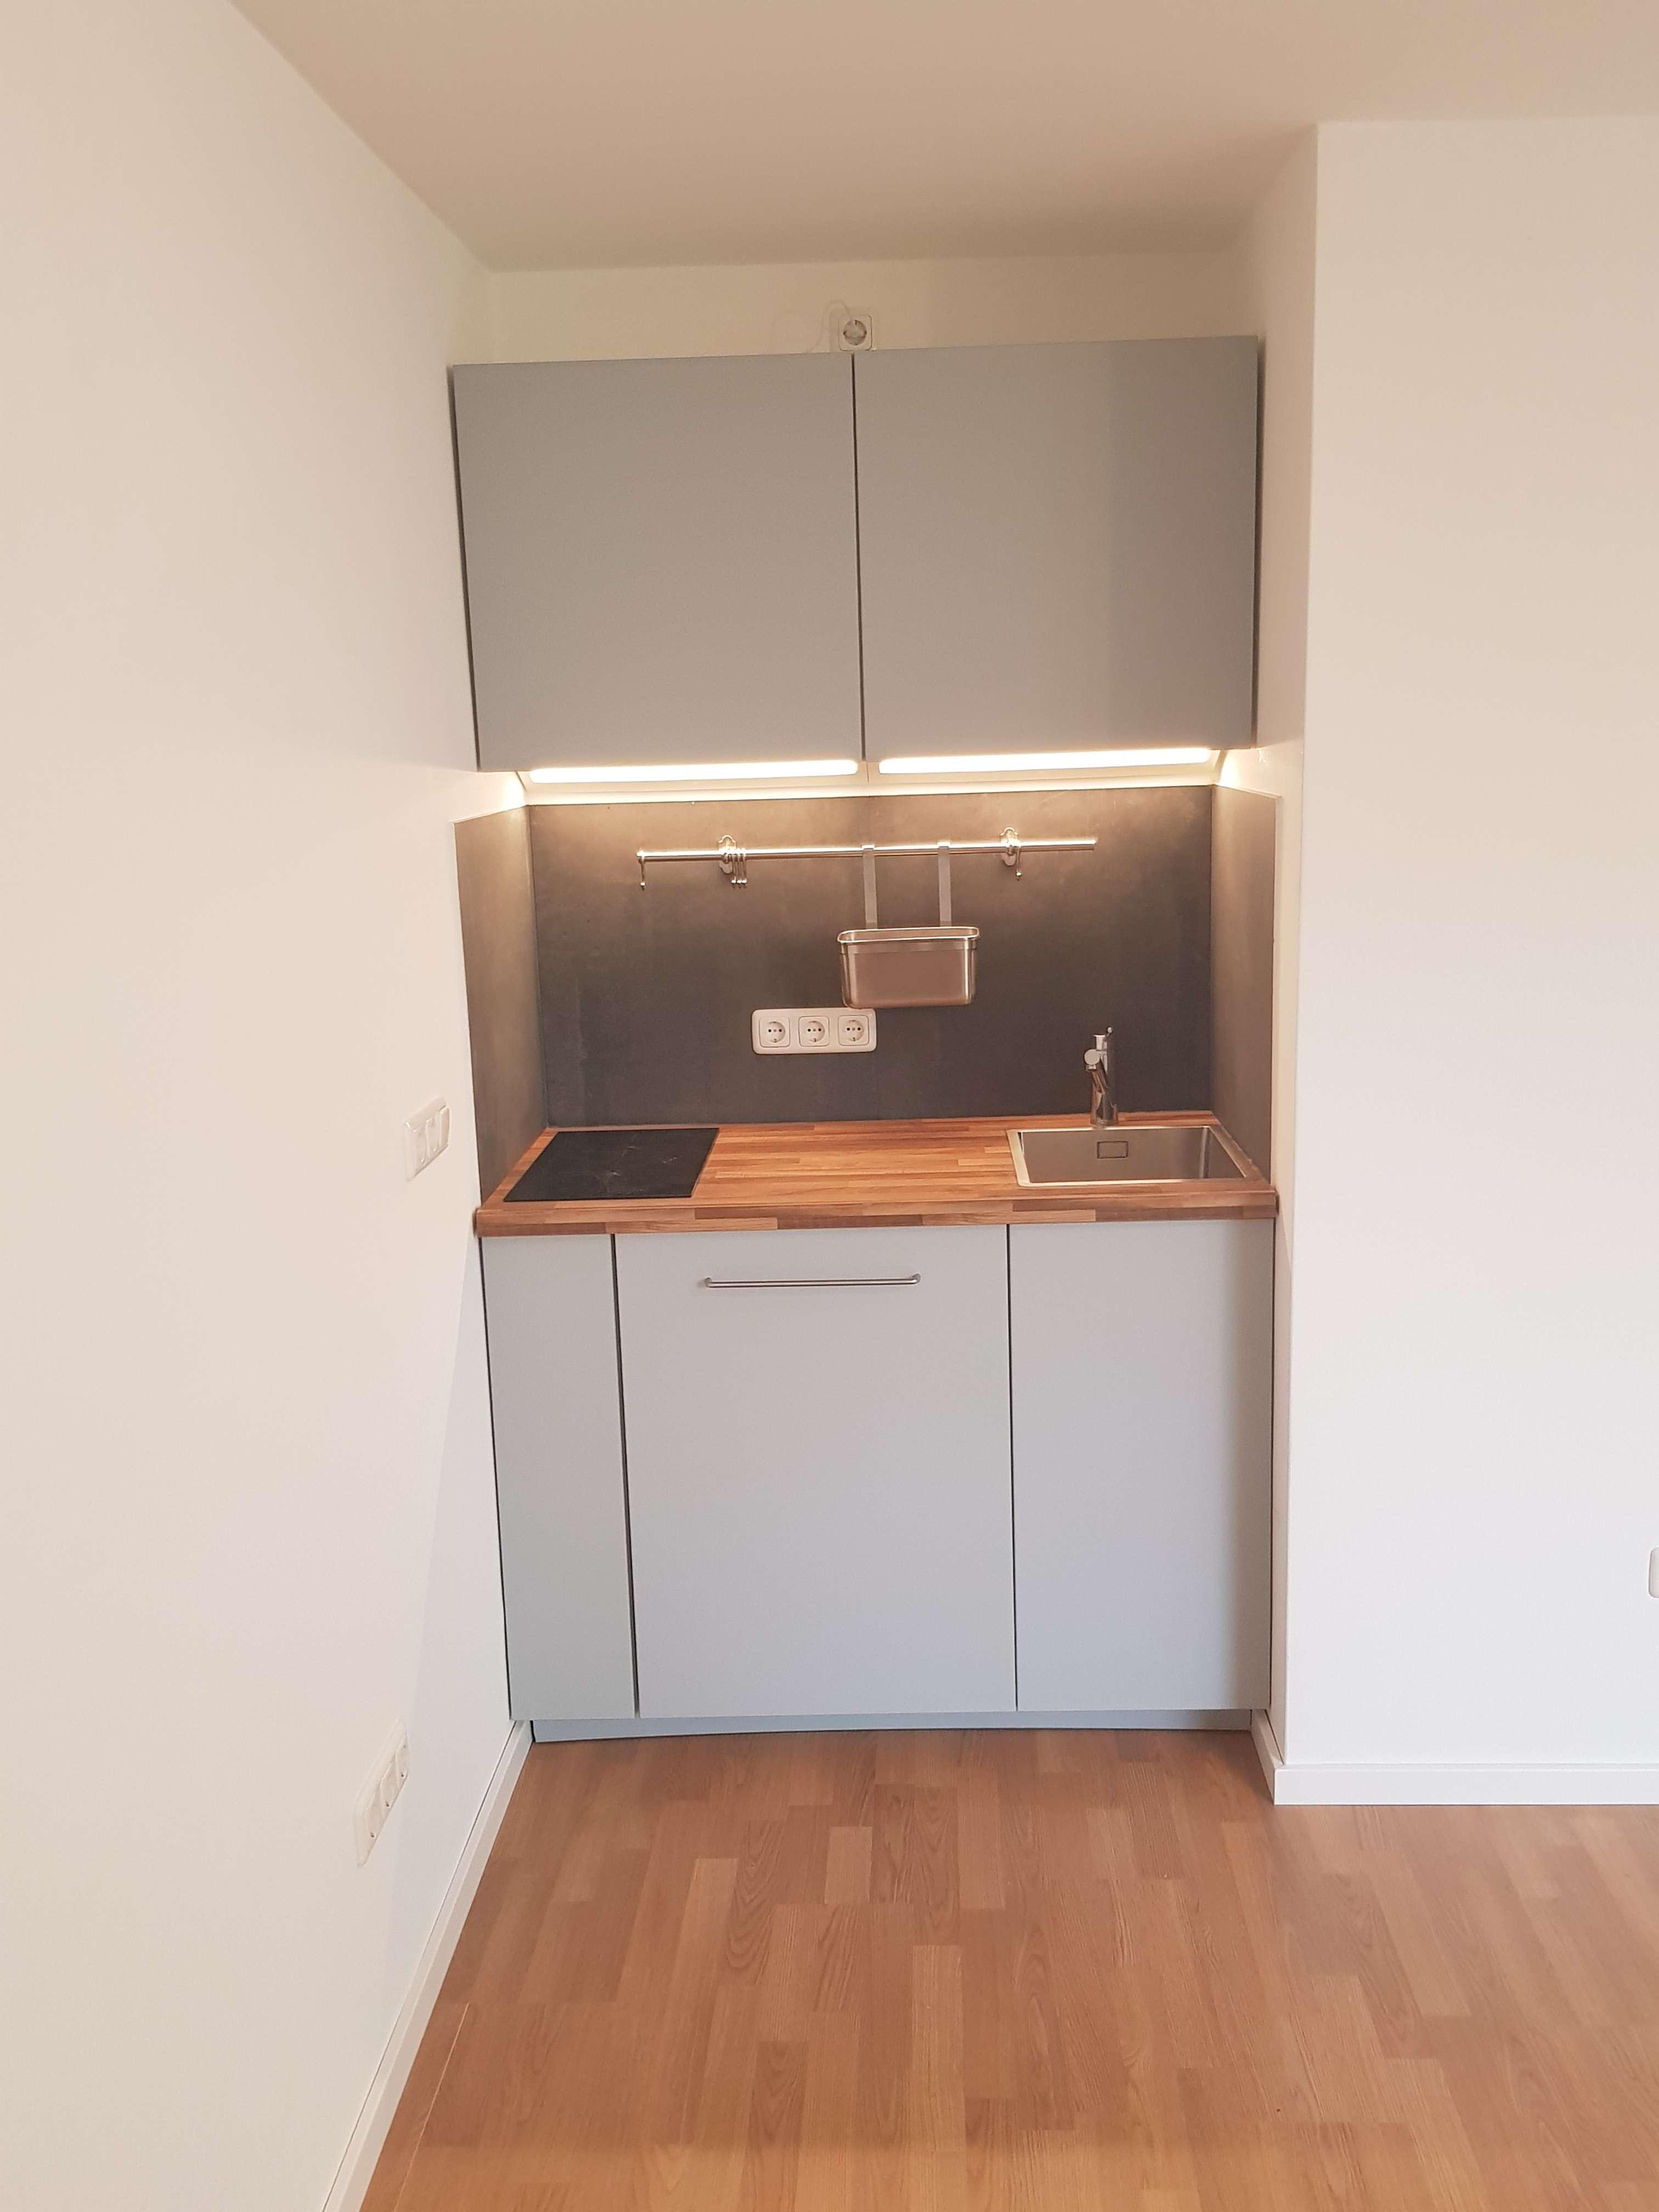 Bestlage Schwabing, ruhiges u. helles 1-Zi. Apartment, Nähe Kurfürstenplatz in Schwabing-West (München)